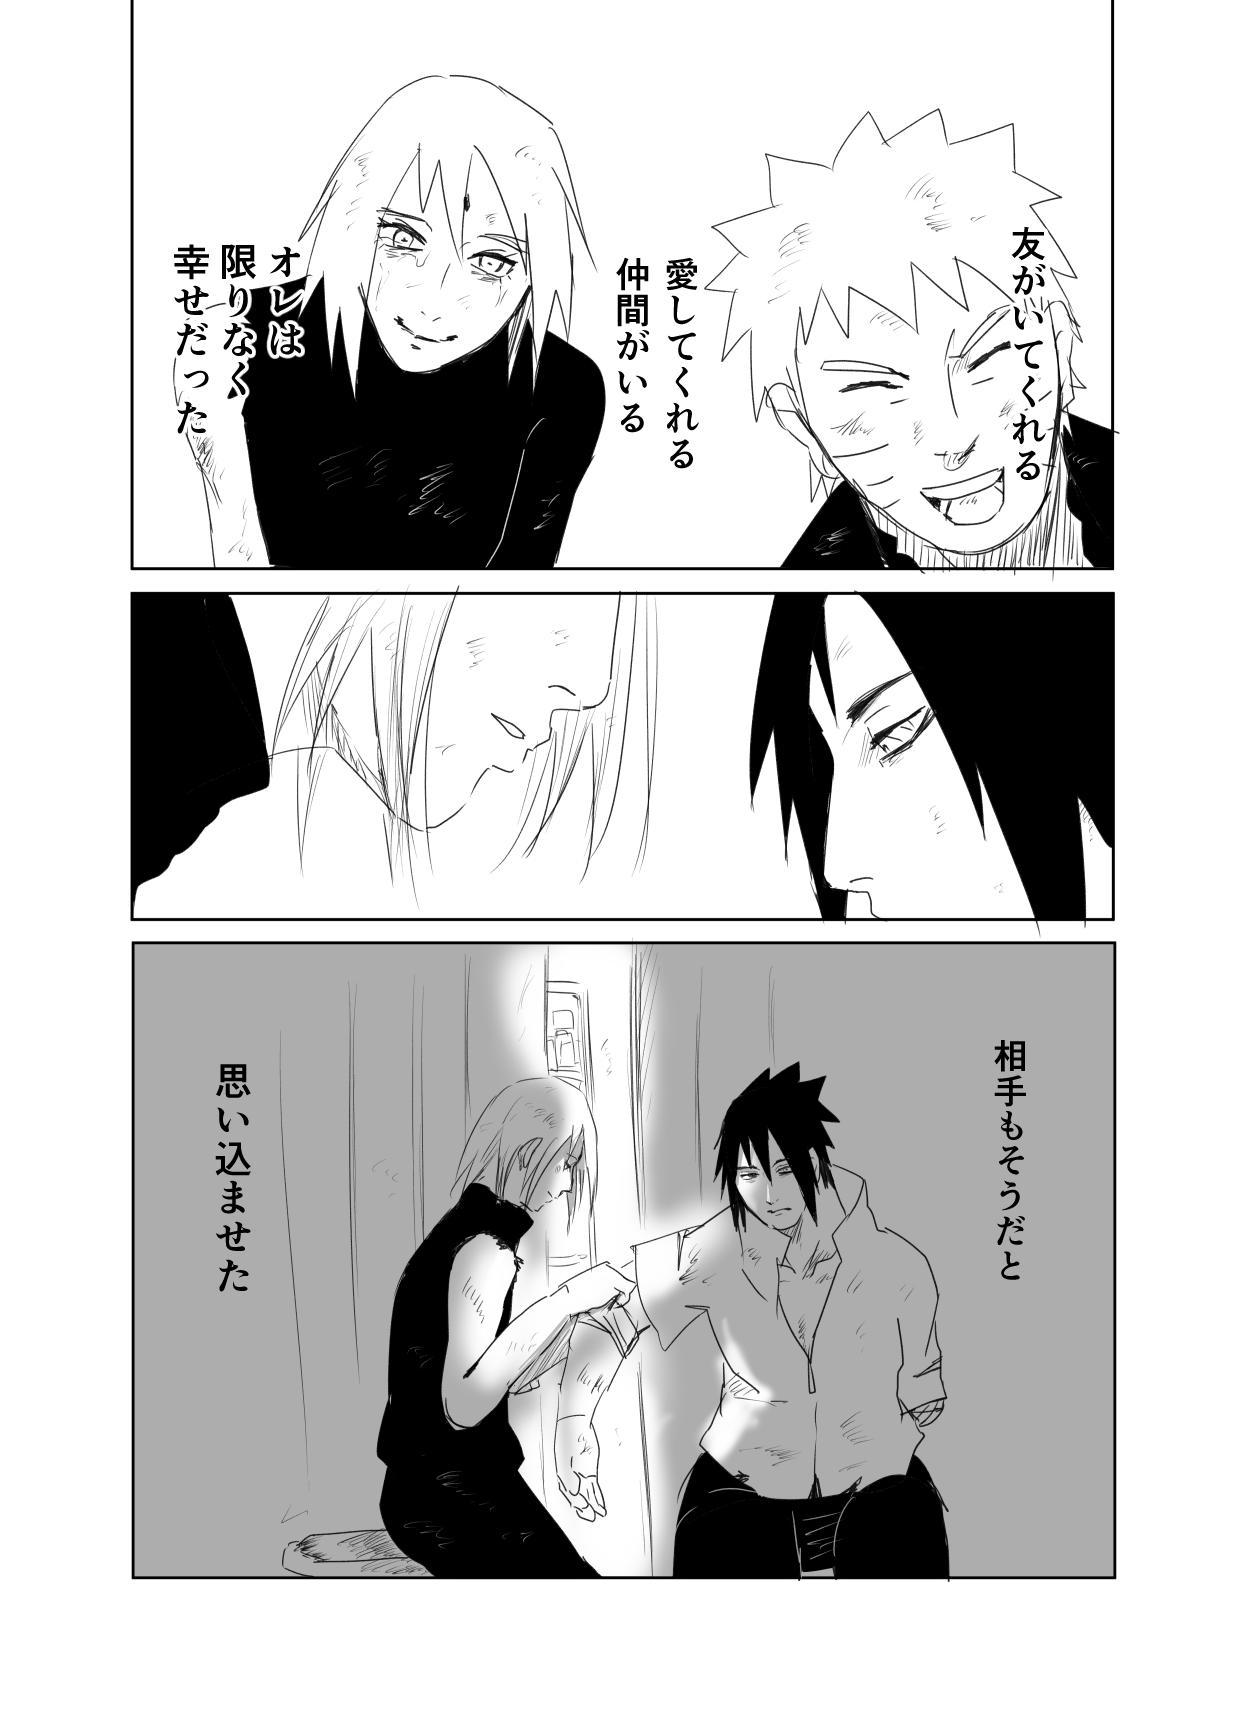 嘘告白漫画 6